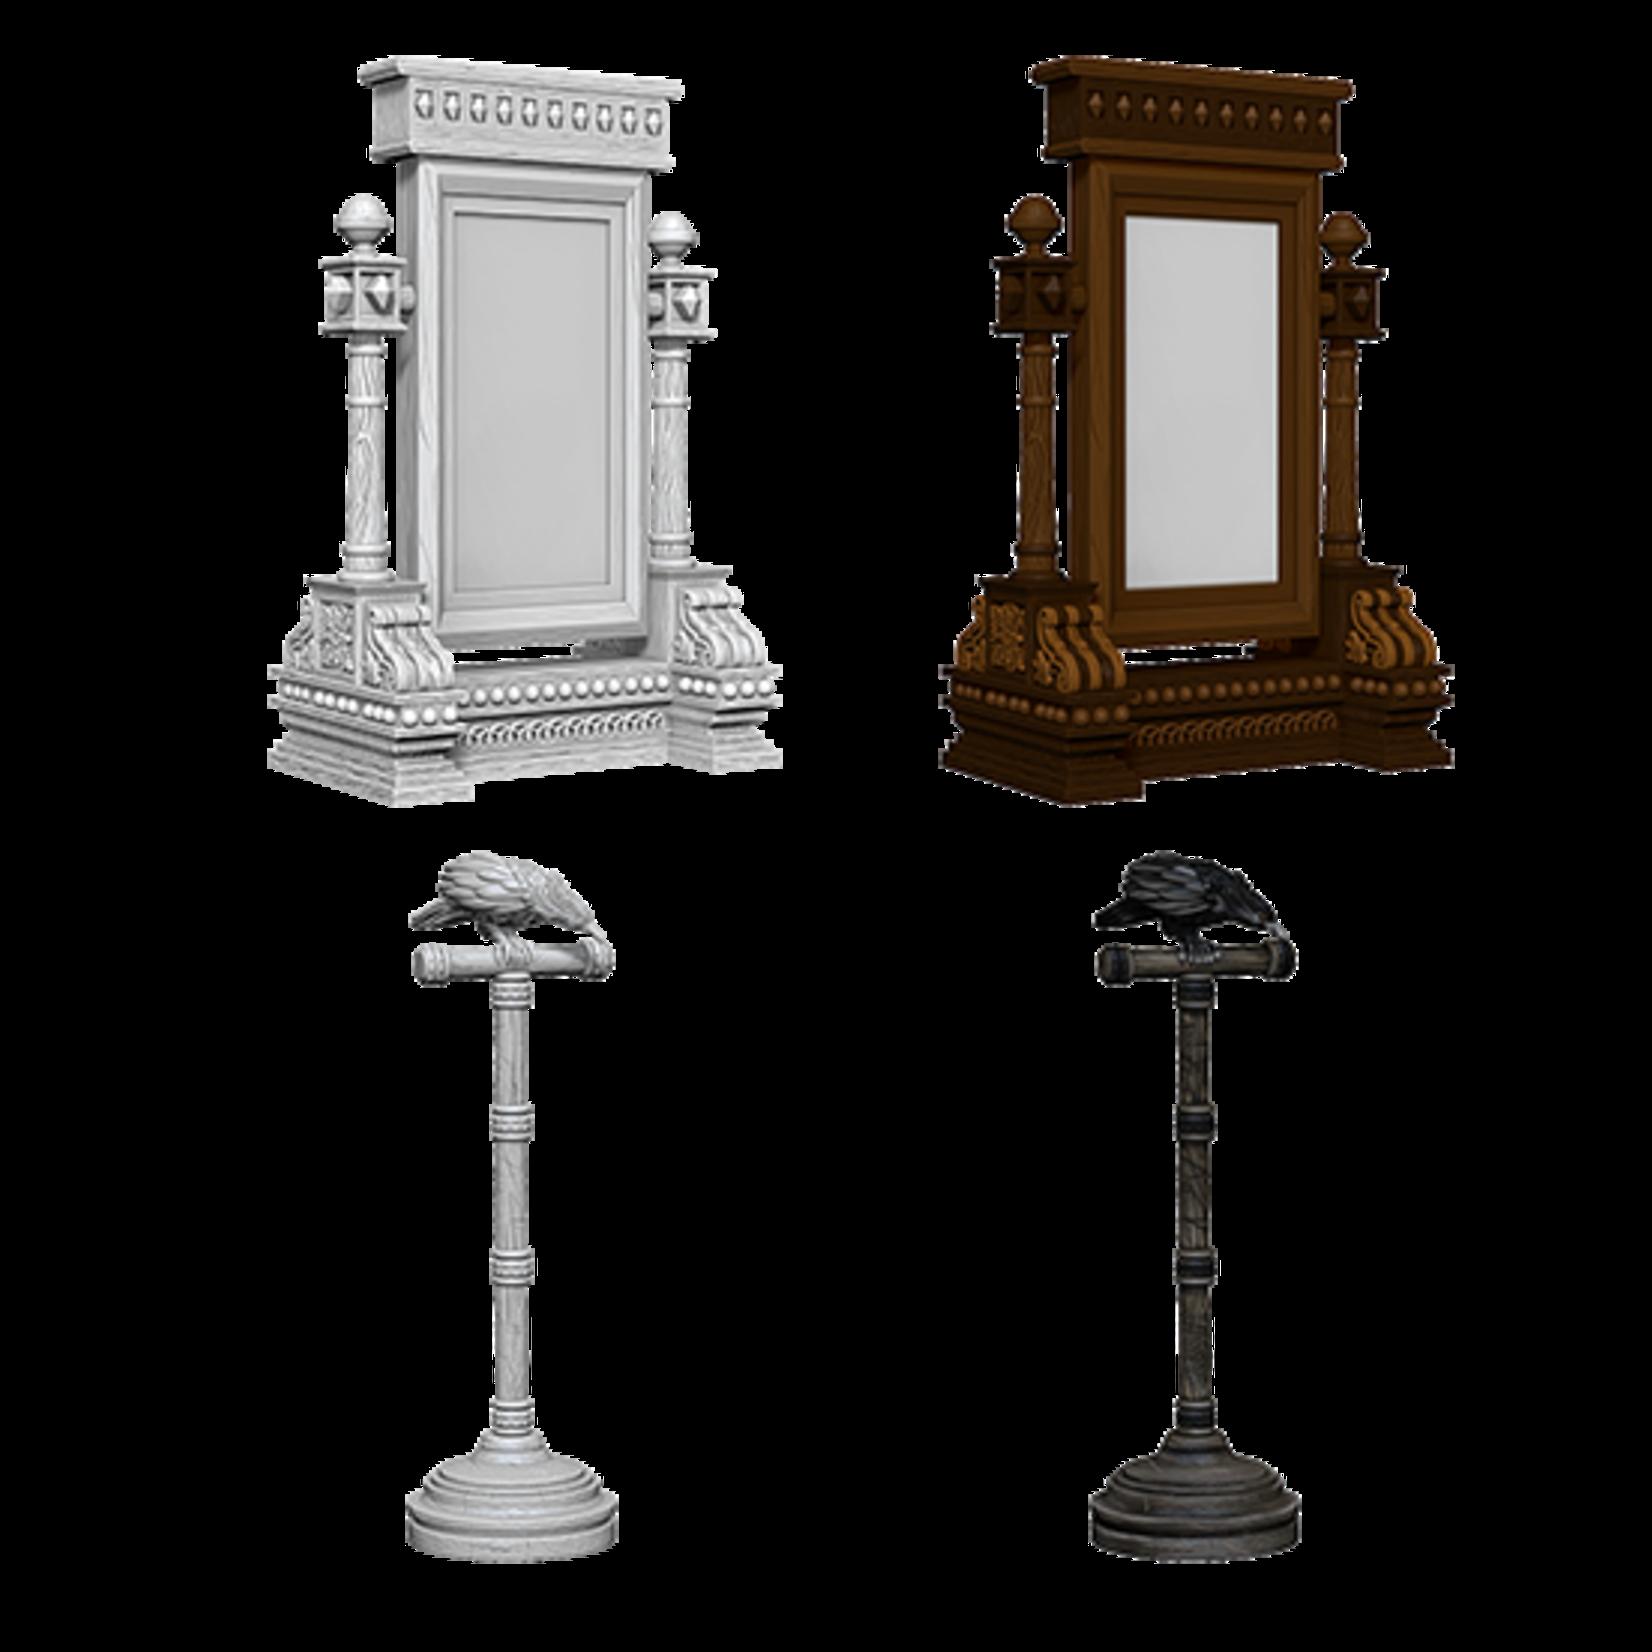 WizKids WizKids Deep Cuts Unpainted Miniatures: Mirror & Bird on Stand (W5)